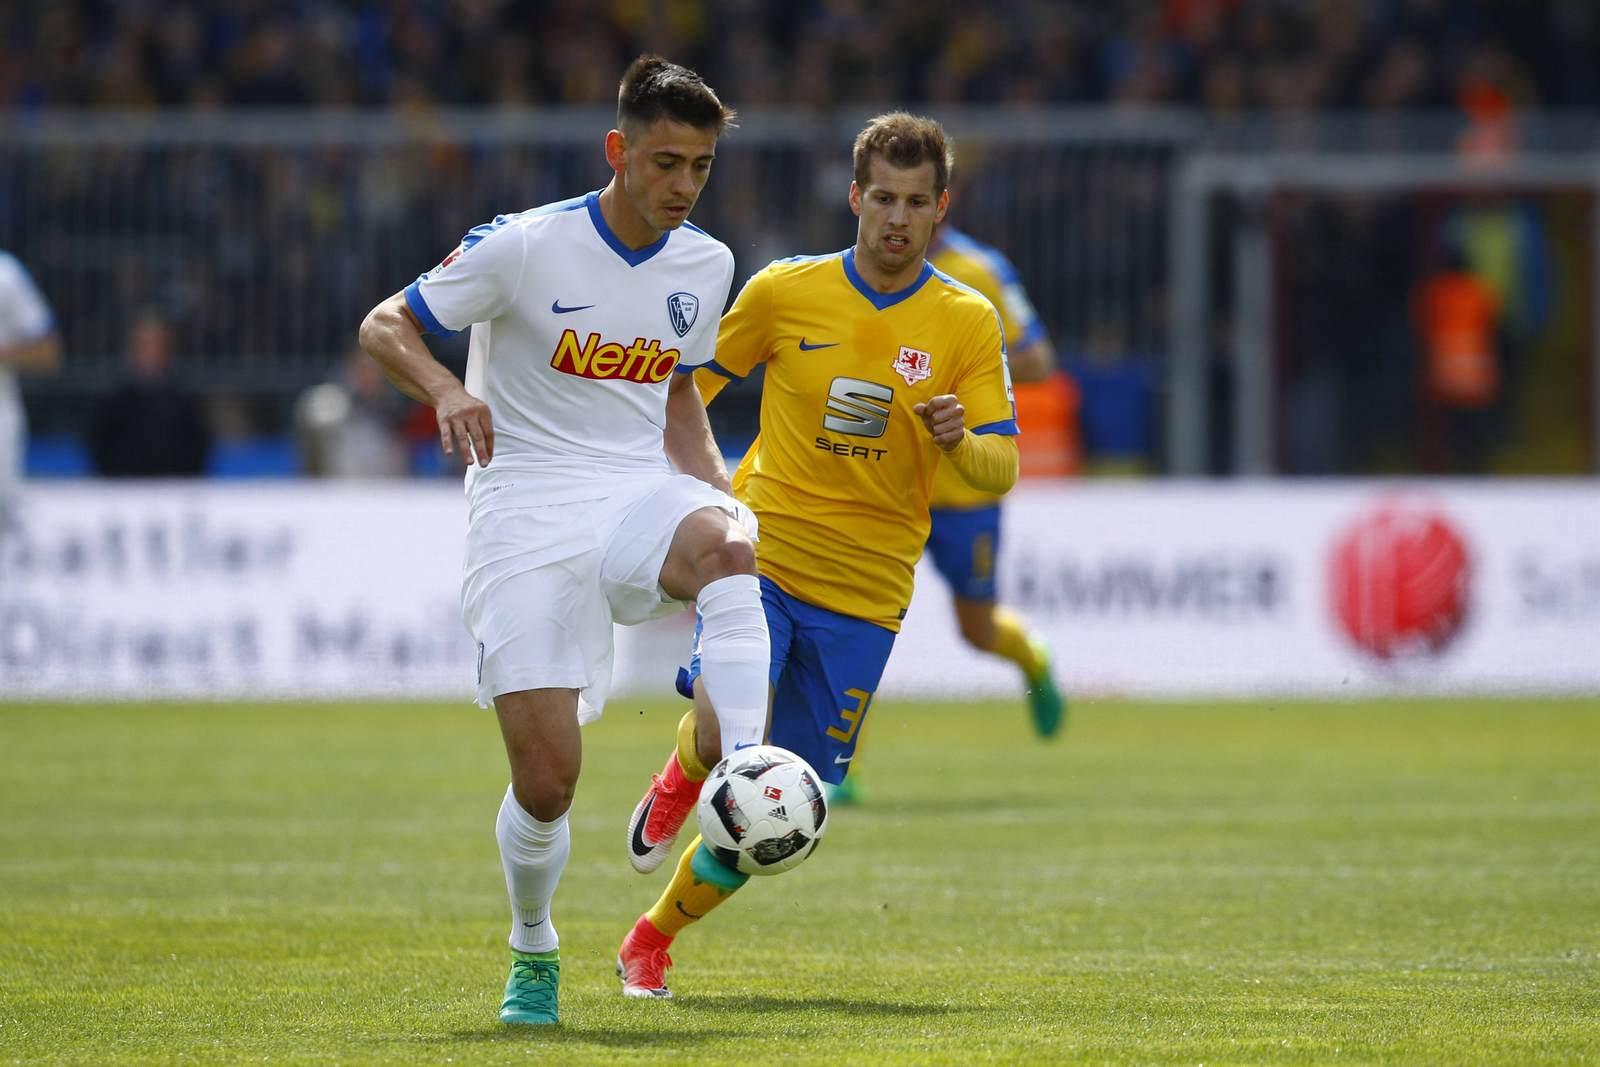 Nico Rieble am Ball für den VfL Bochum, Hendrick Zuck beobachtet das Geschehen.